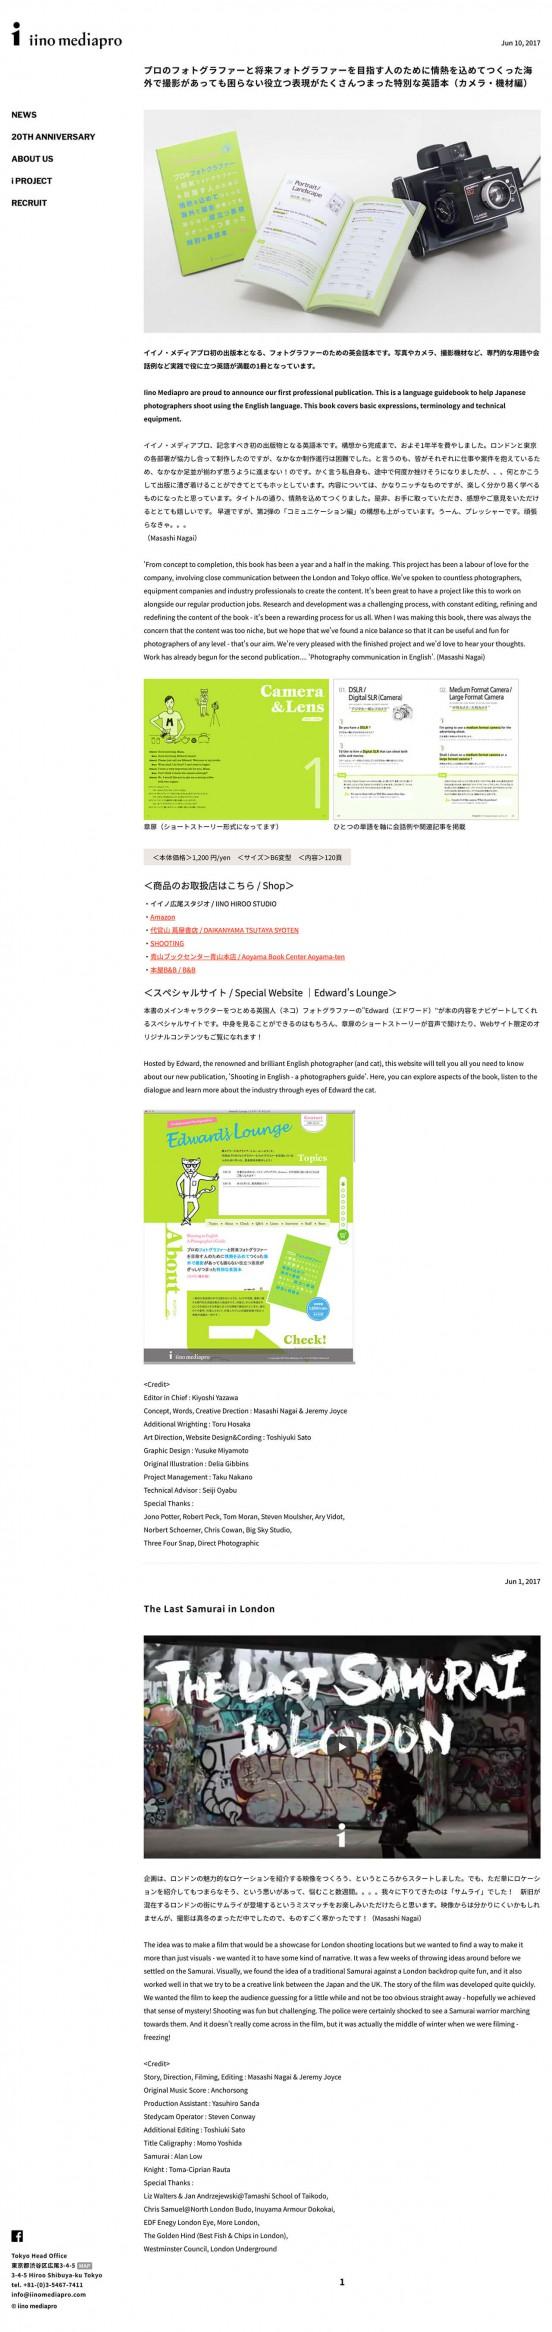 株式会社 イイノ・メディアプロ|Iino Mediapro Co., Ltd. 公式サイト_2